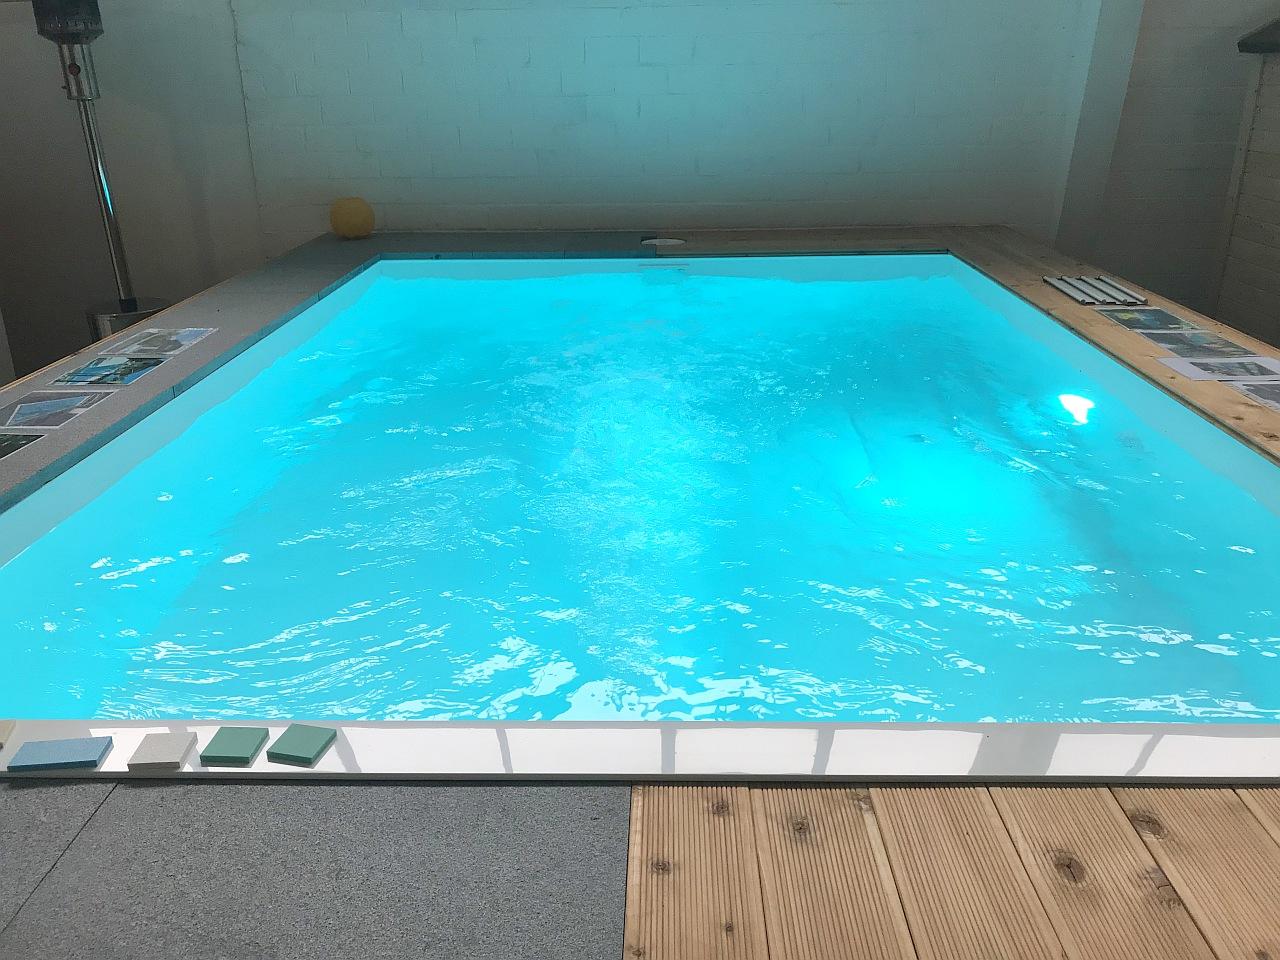 vogel pool gmbh schwimmbecken aus polypropylen gfk und ceramic unsere ausstellung. Black Bedroom Furniture Sets. Home Design Ideas